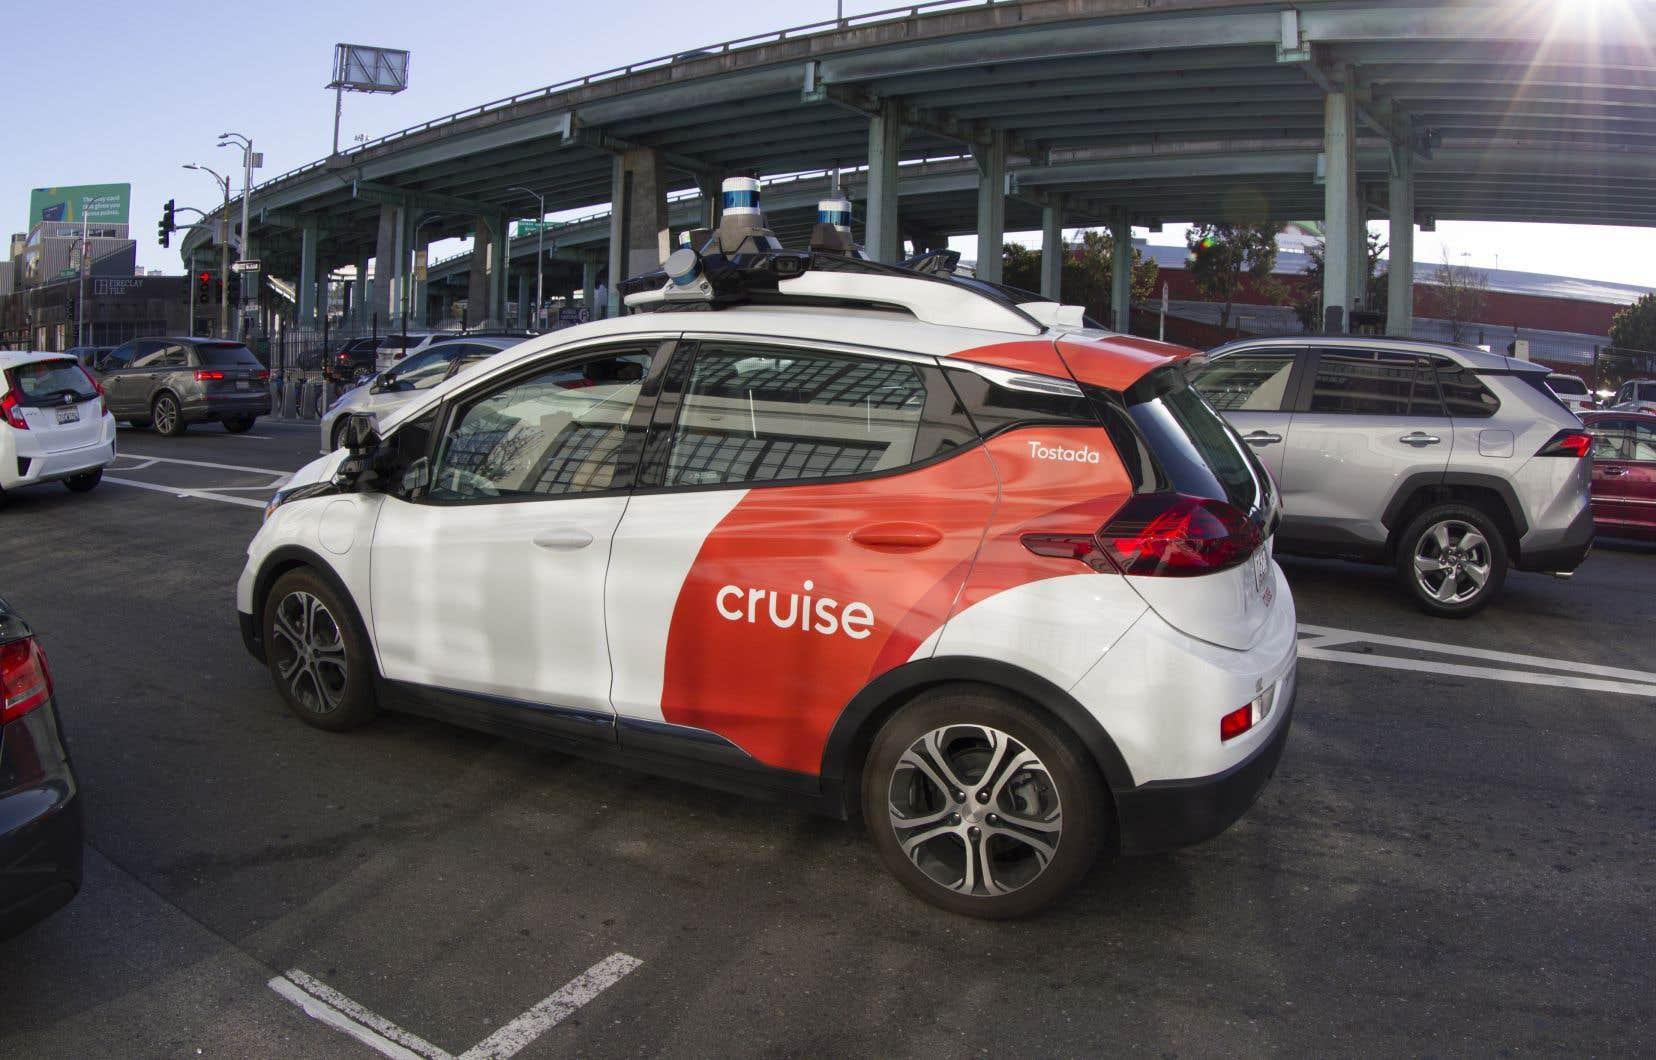 Microsoft a annoncé mardi qu'il apportait, aux côtés de Honda, de GM et d'autres investisseurs, plus de 2 milliards de dollars à Cruise, la filiale de voitures autonomes de GM.